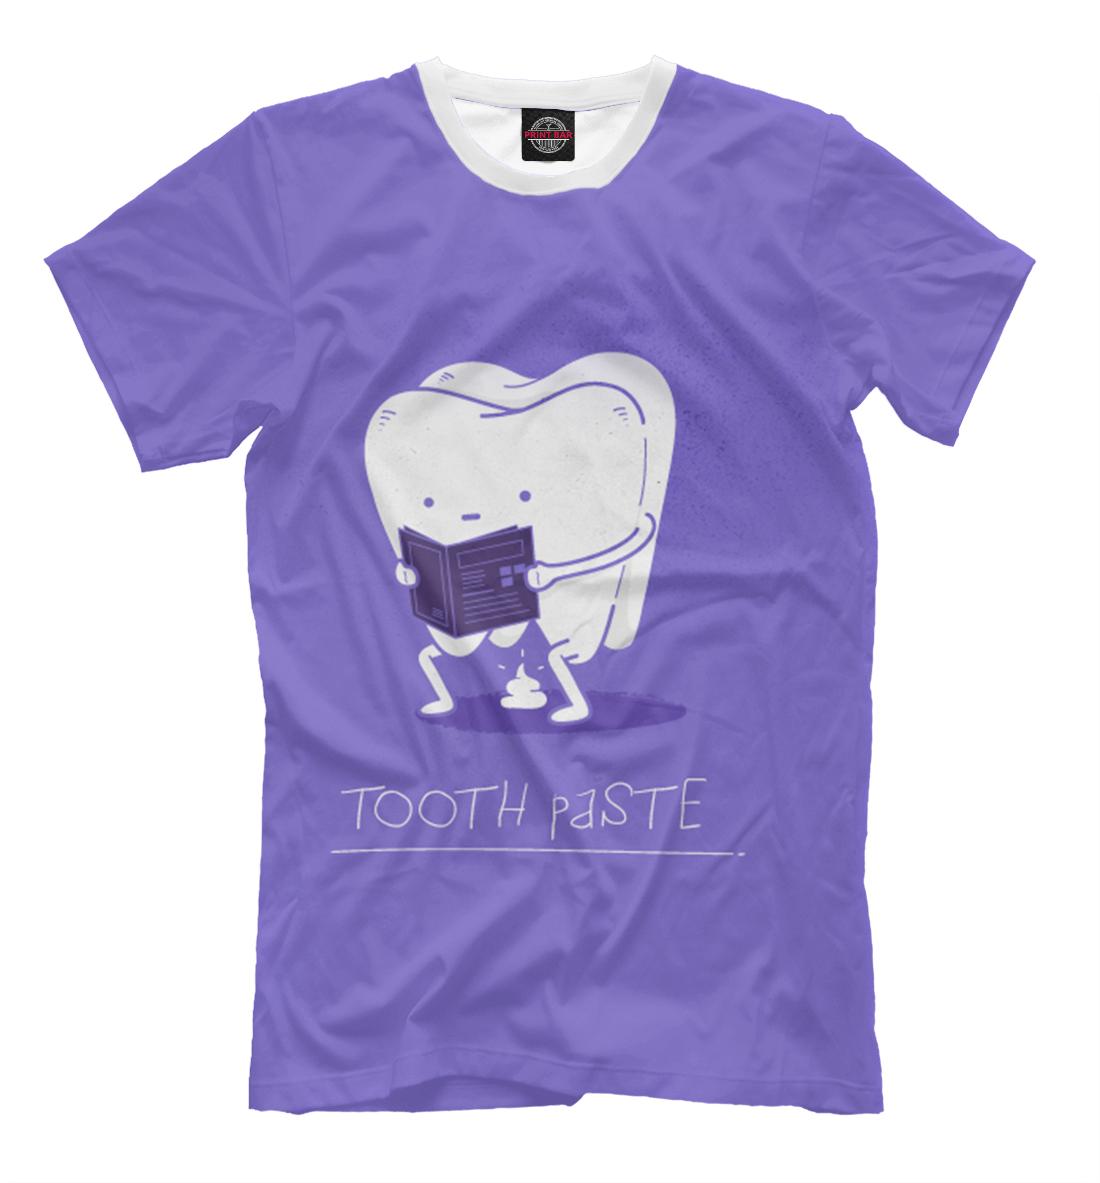 Купить Tooth paste, Printbar, Футболки, VRC-689516-fut-2